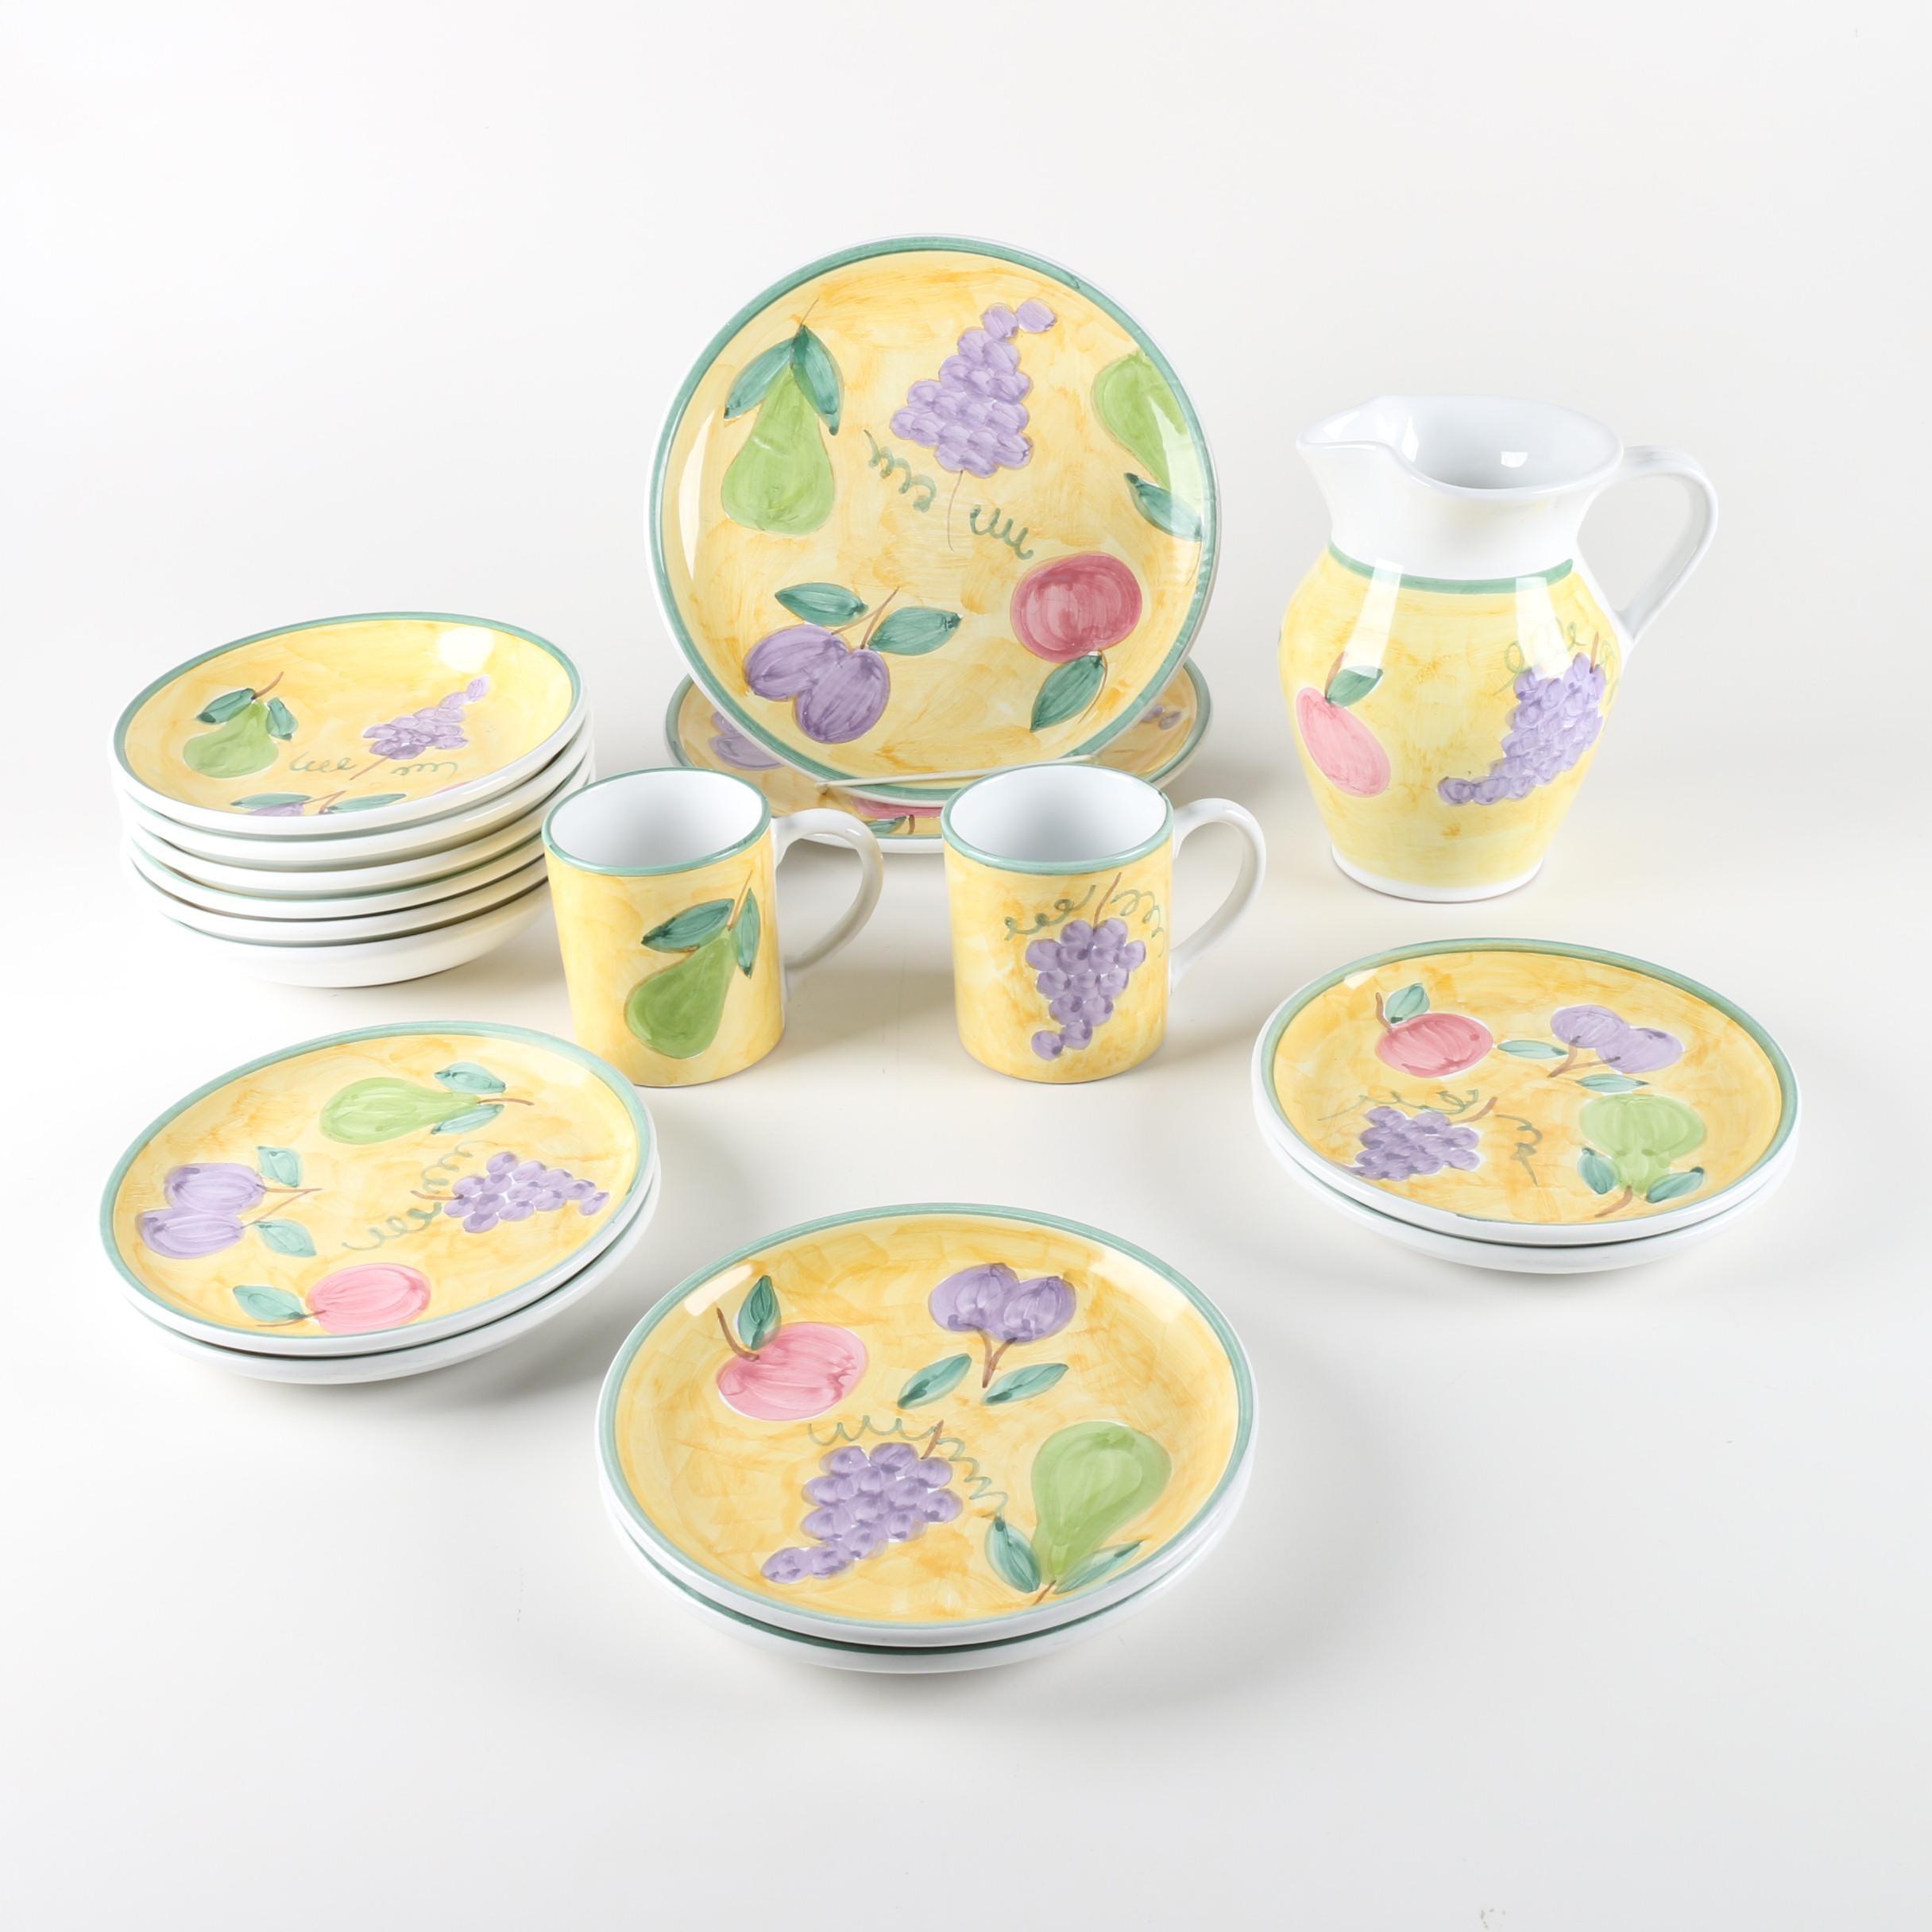 Caleca \ Frutta\  Italian Pottery Dinnerware ...  sc 1 st  EBTH.com & Caleca \